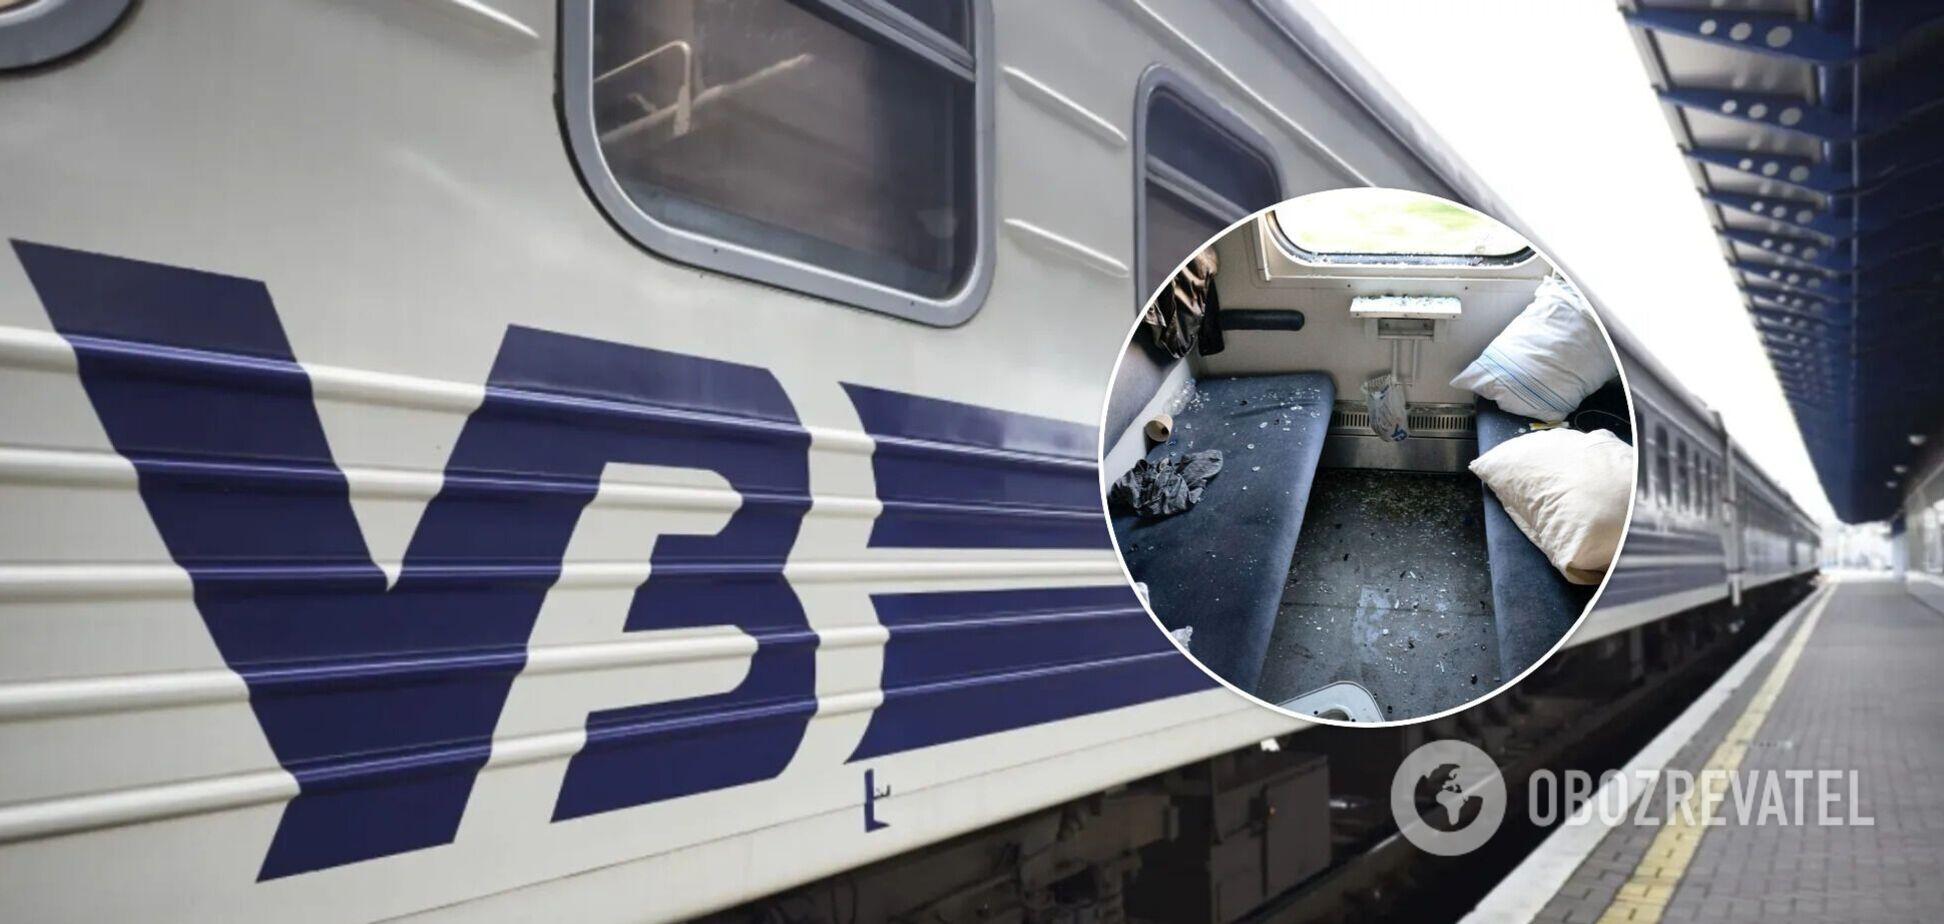 Пассажир устроил погром в купе поезда: в УЗ показали фото последствий